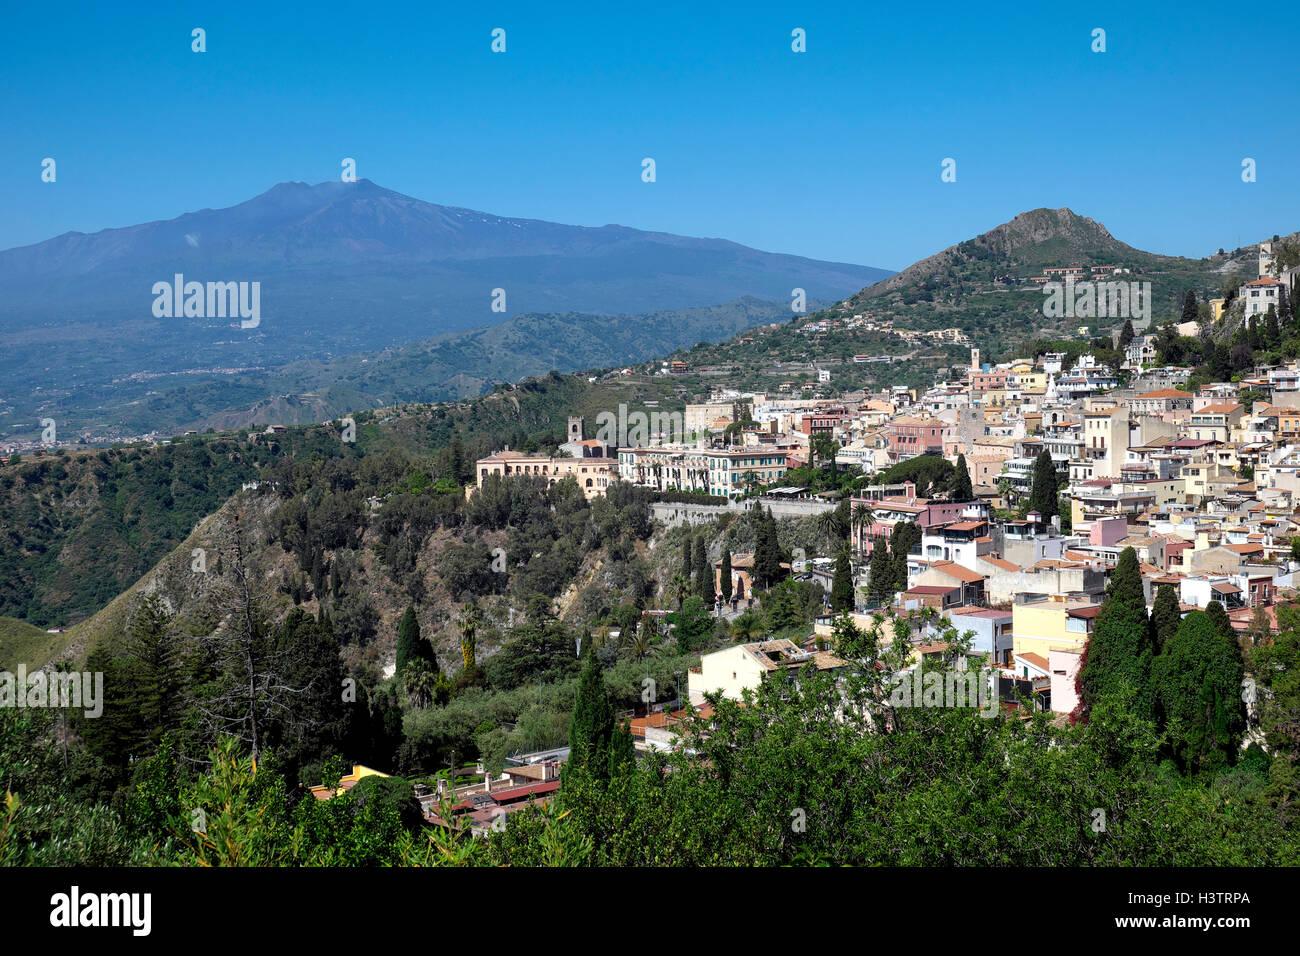 La colline, ville de Taormina, avec l'Etna, en Sicile, Italie Photo Stock